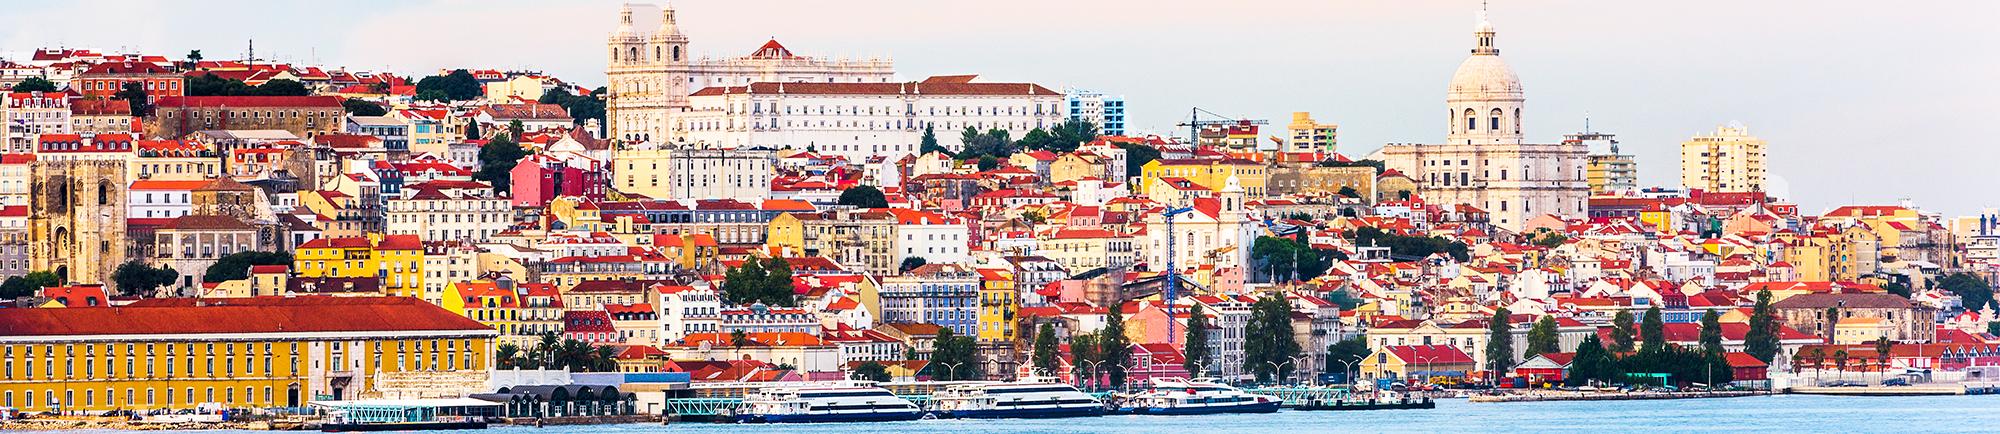 Aluguer de motas em Lisboa